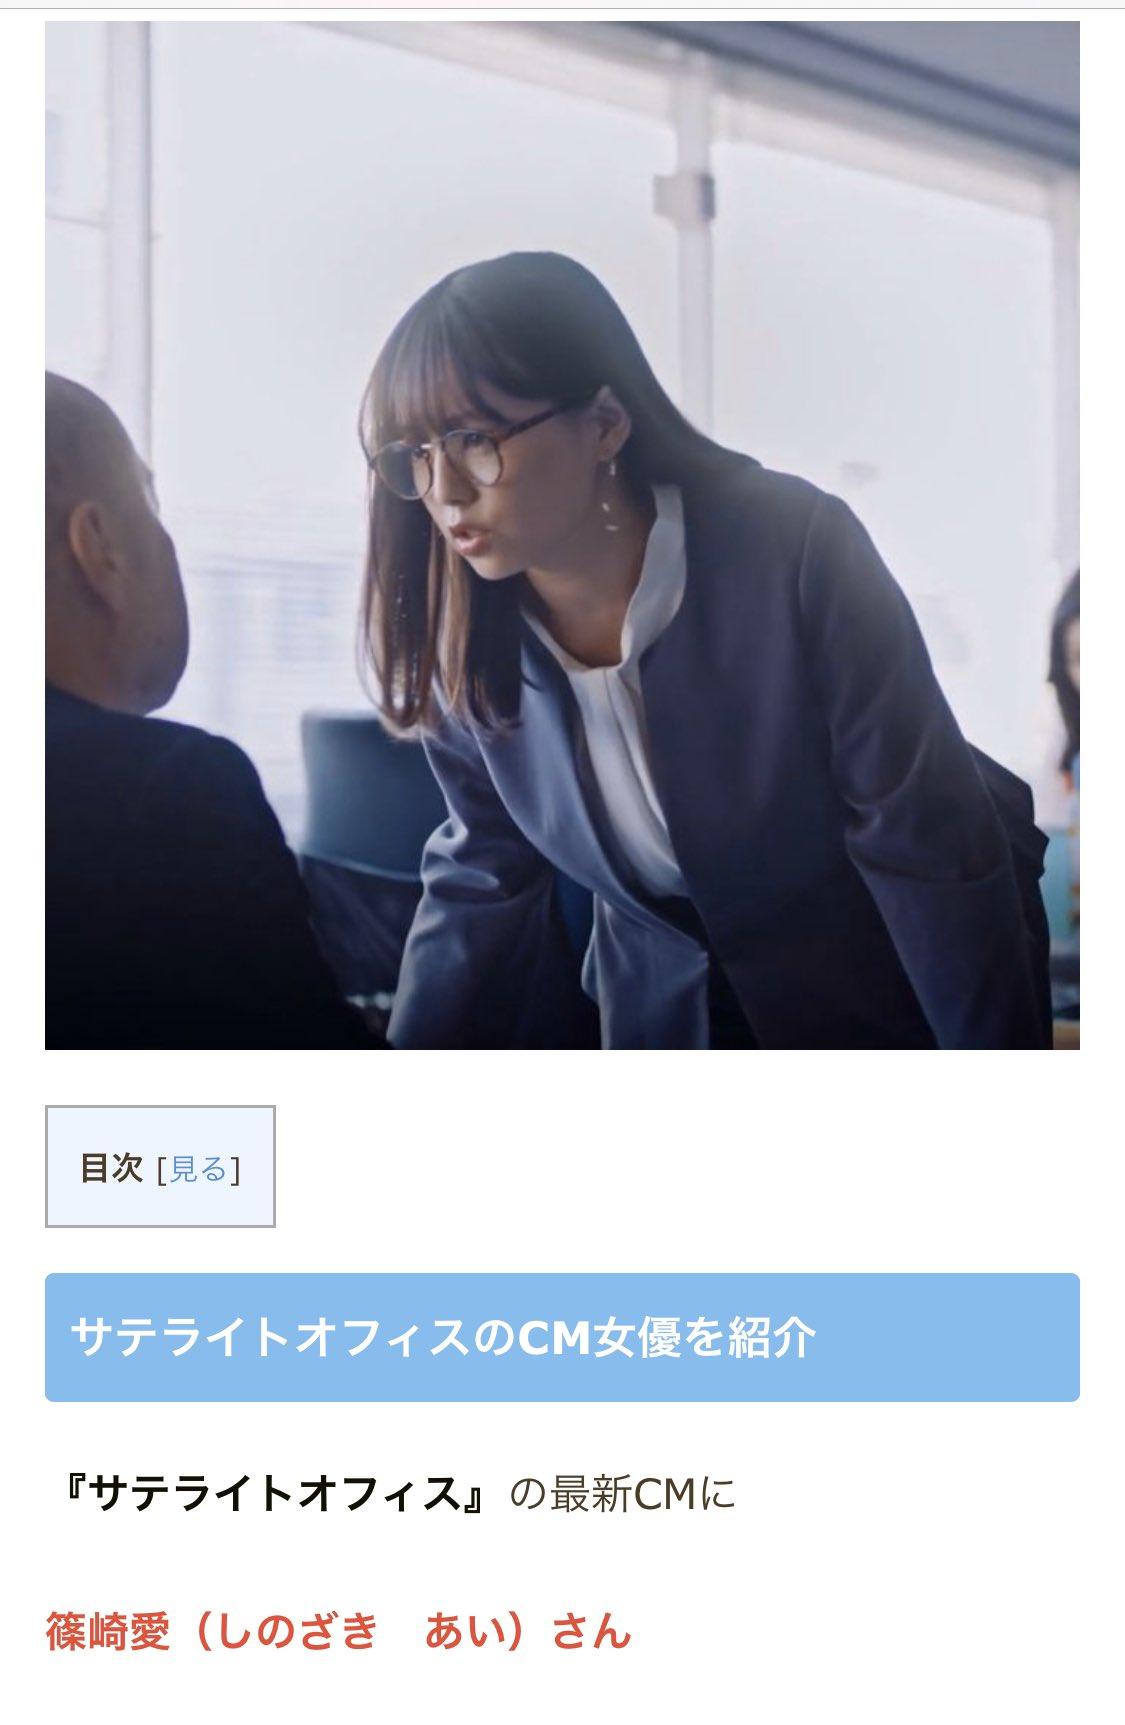 オフィス cm 女優 サテライト